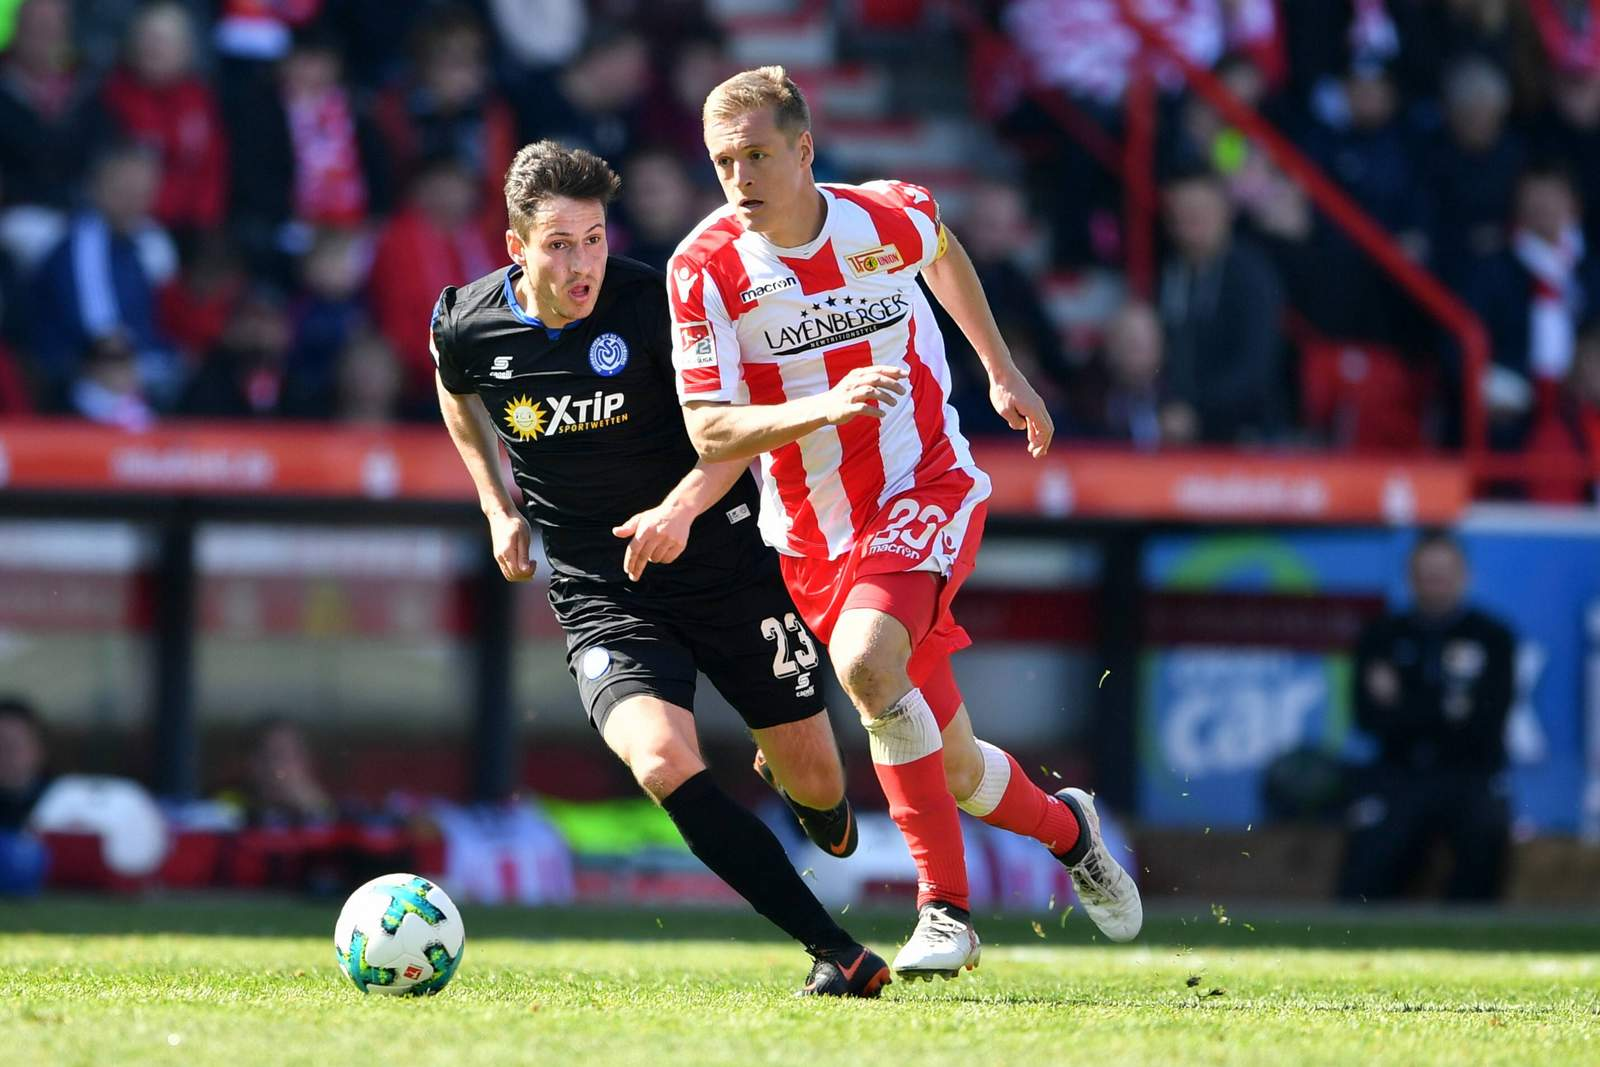 Felix Kroos im Laufduell mit Fabian Schnellhardt. Jetzt auf Union Berlin gegen MSV Duisburg wetten.